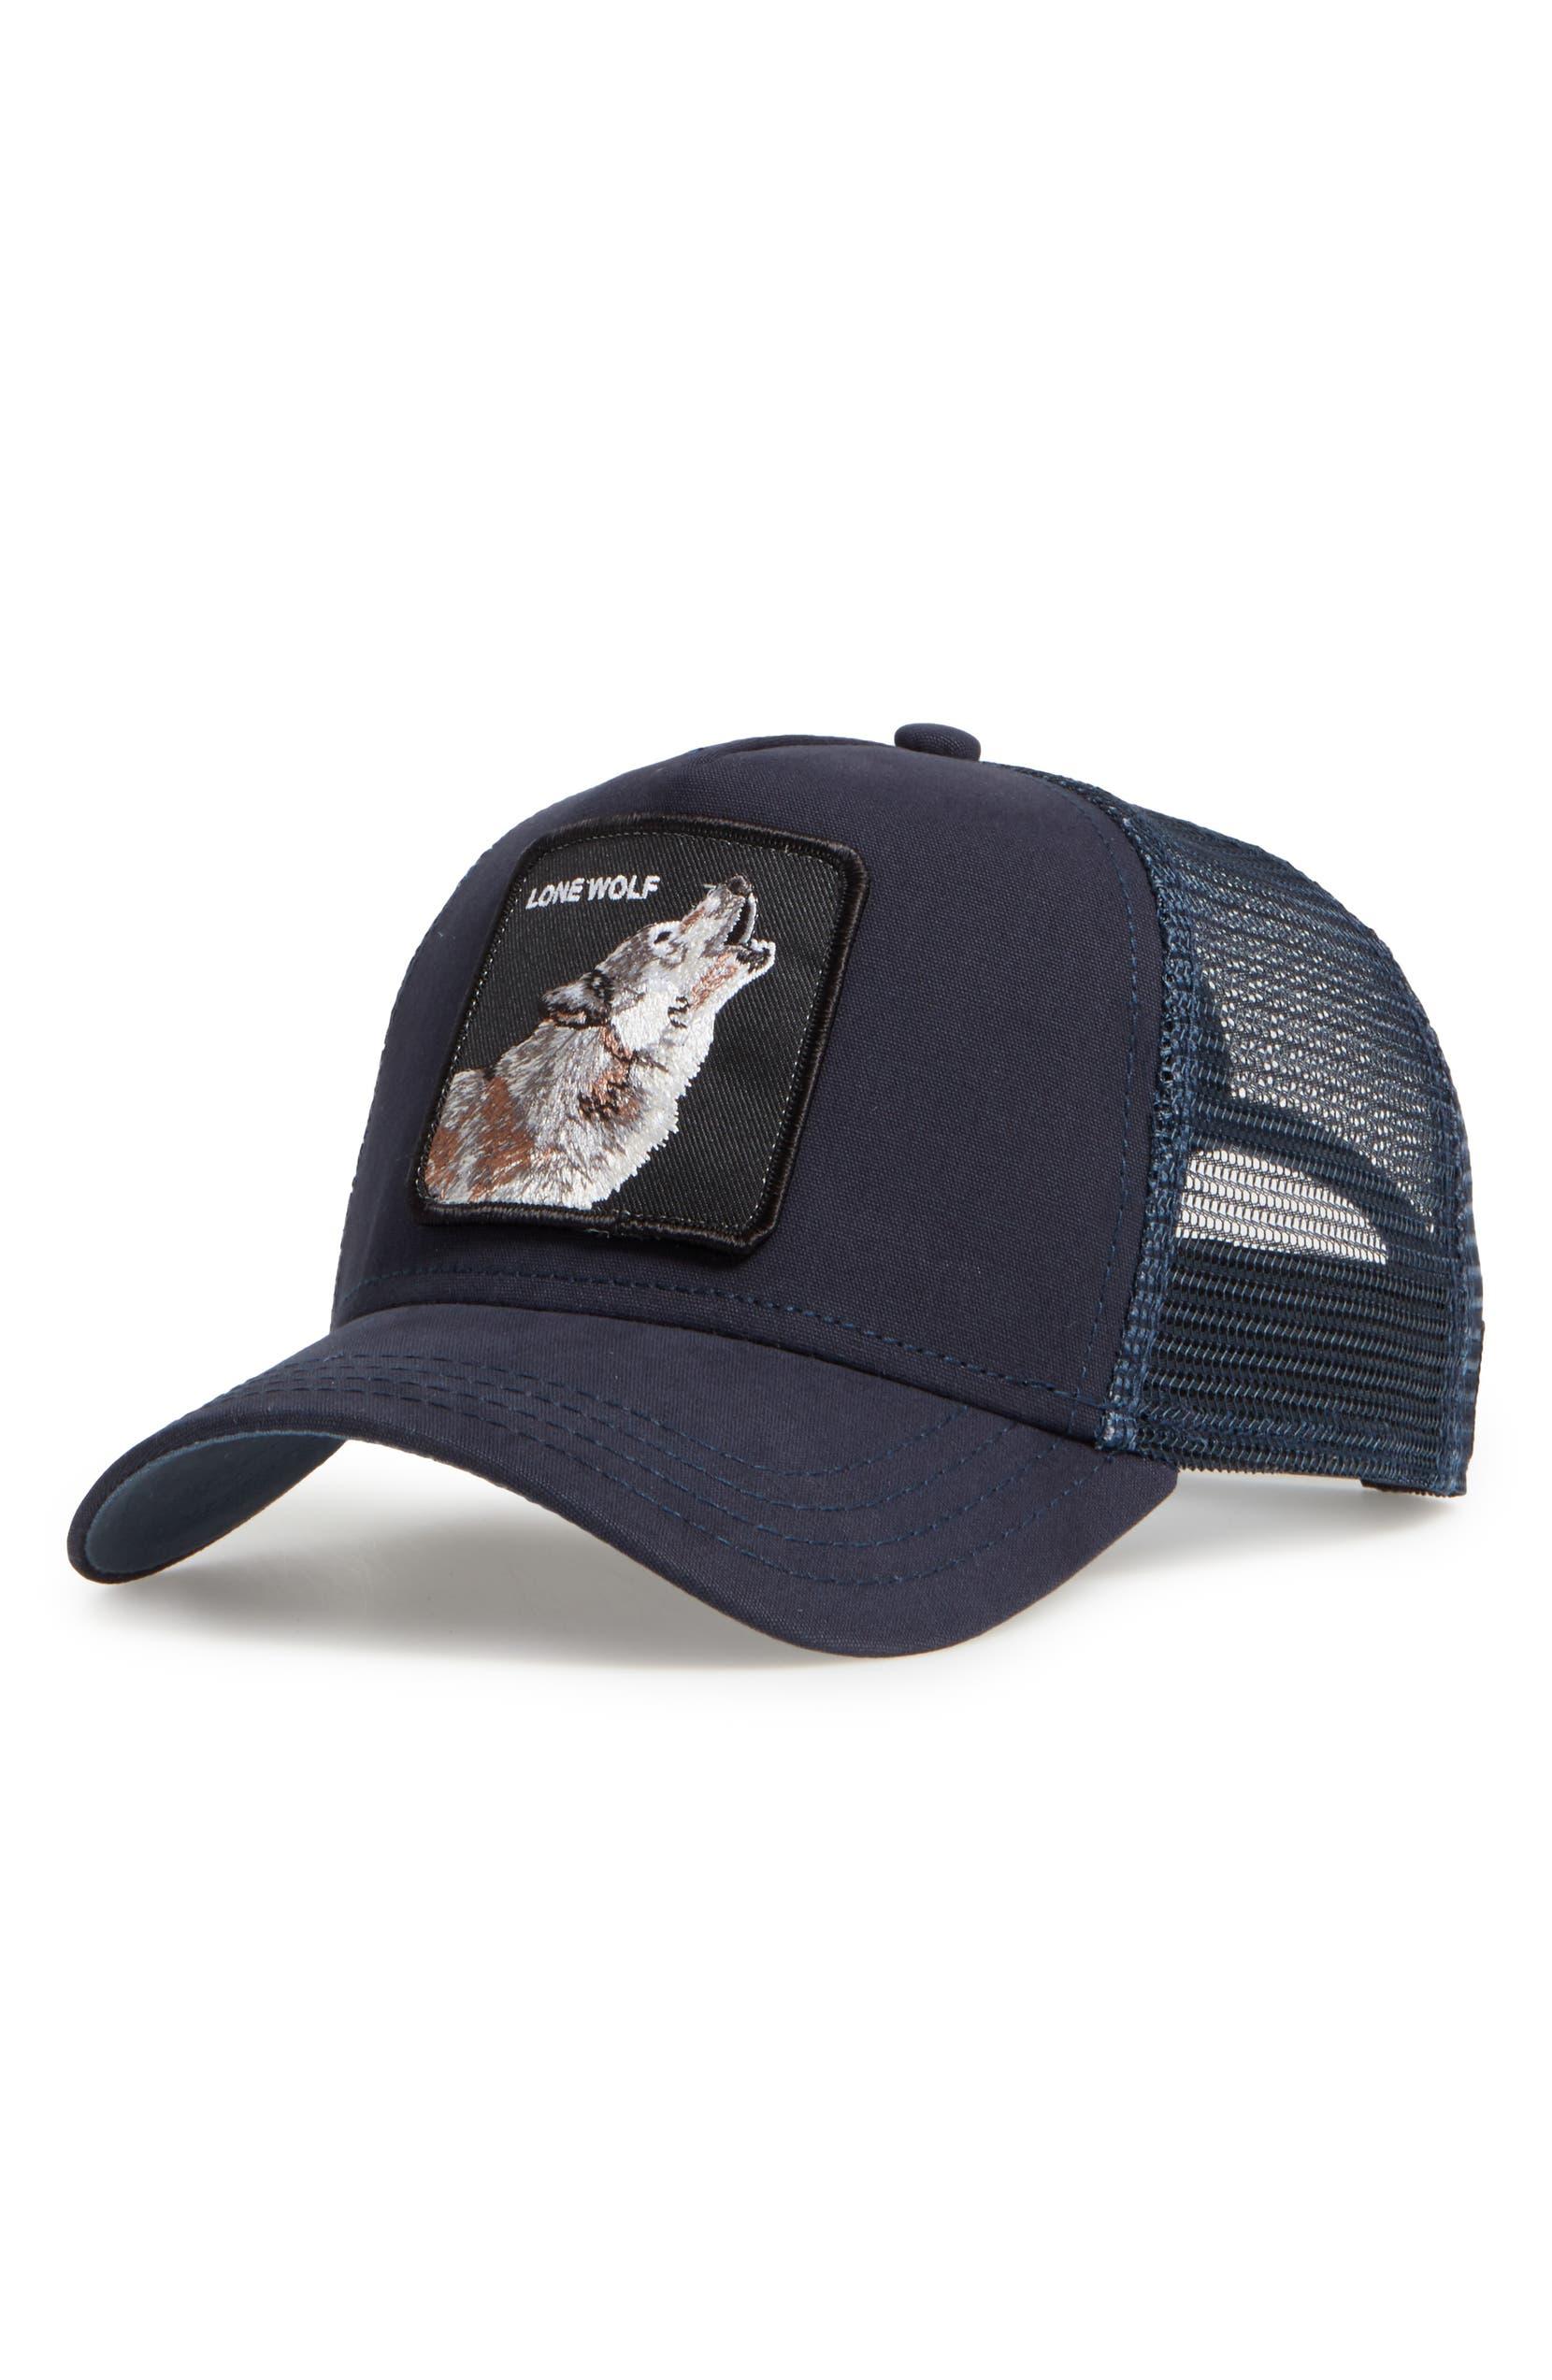 Animal Farm Wolf Trucker Hat 7c932a7cb8b